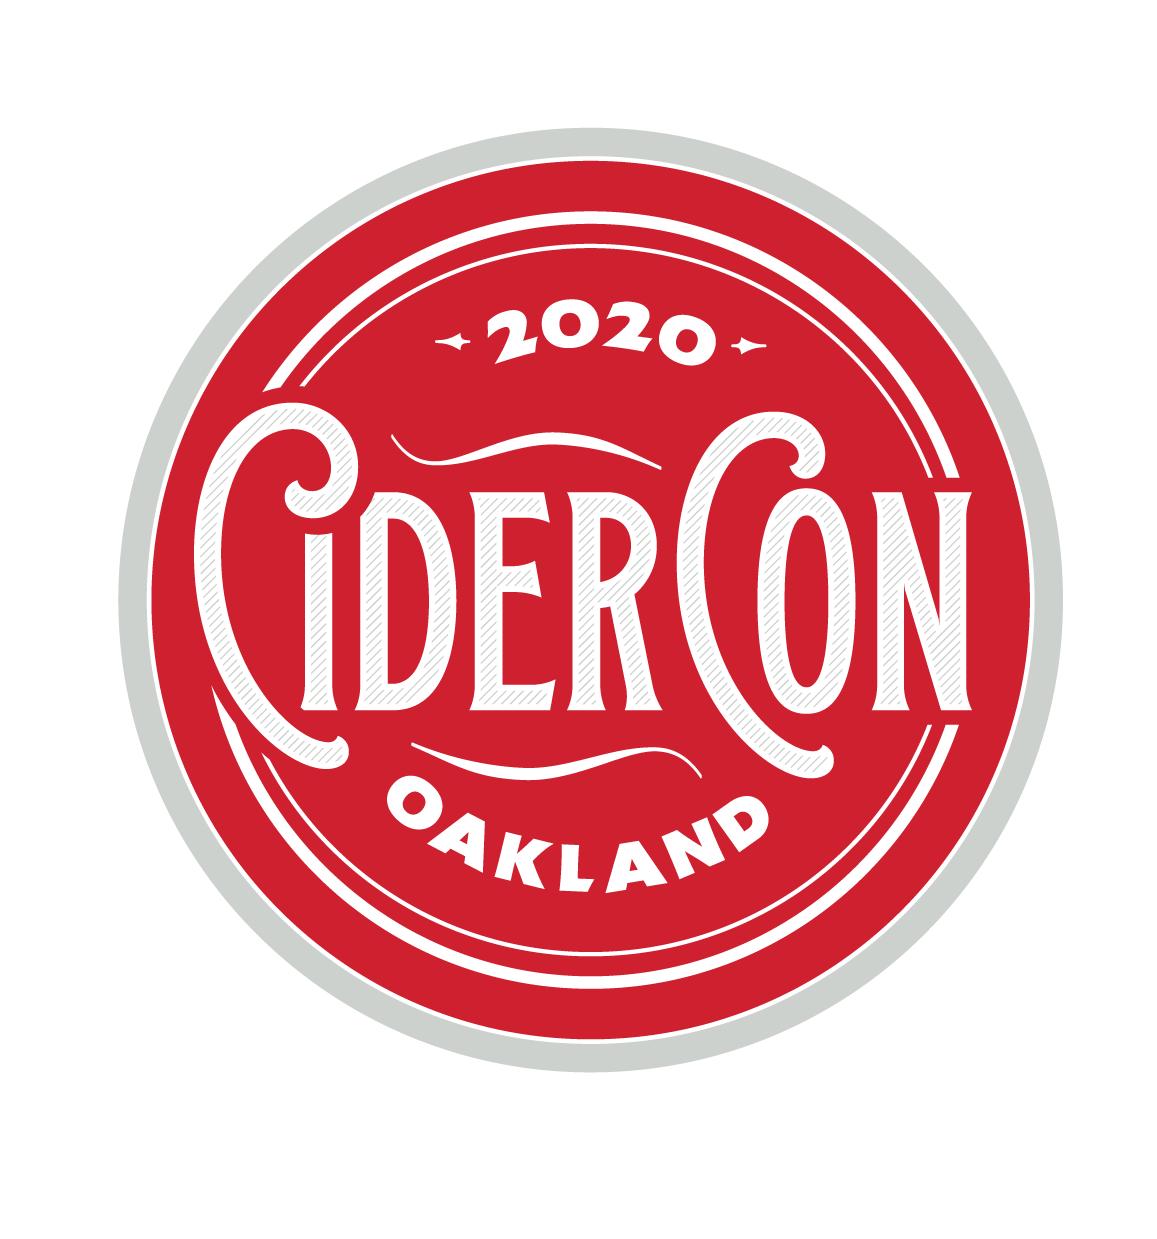 CiderCon2020-logo_CiderCon-2020-Logo